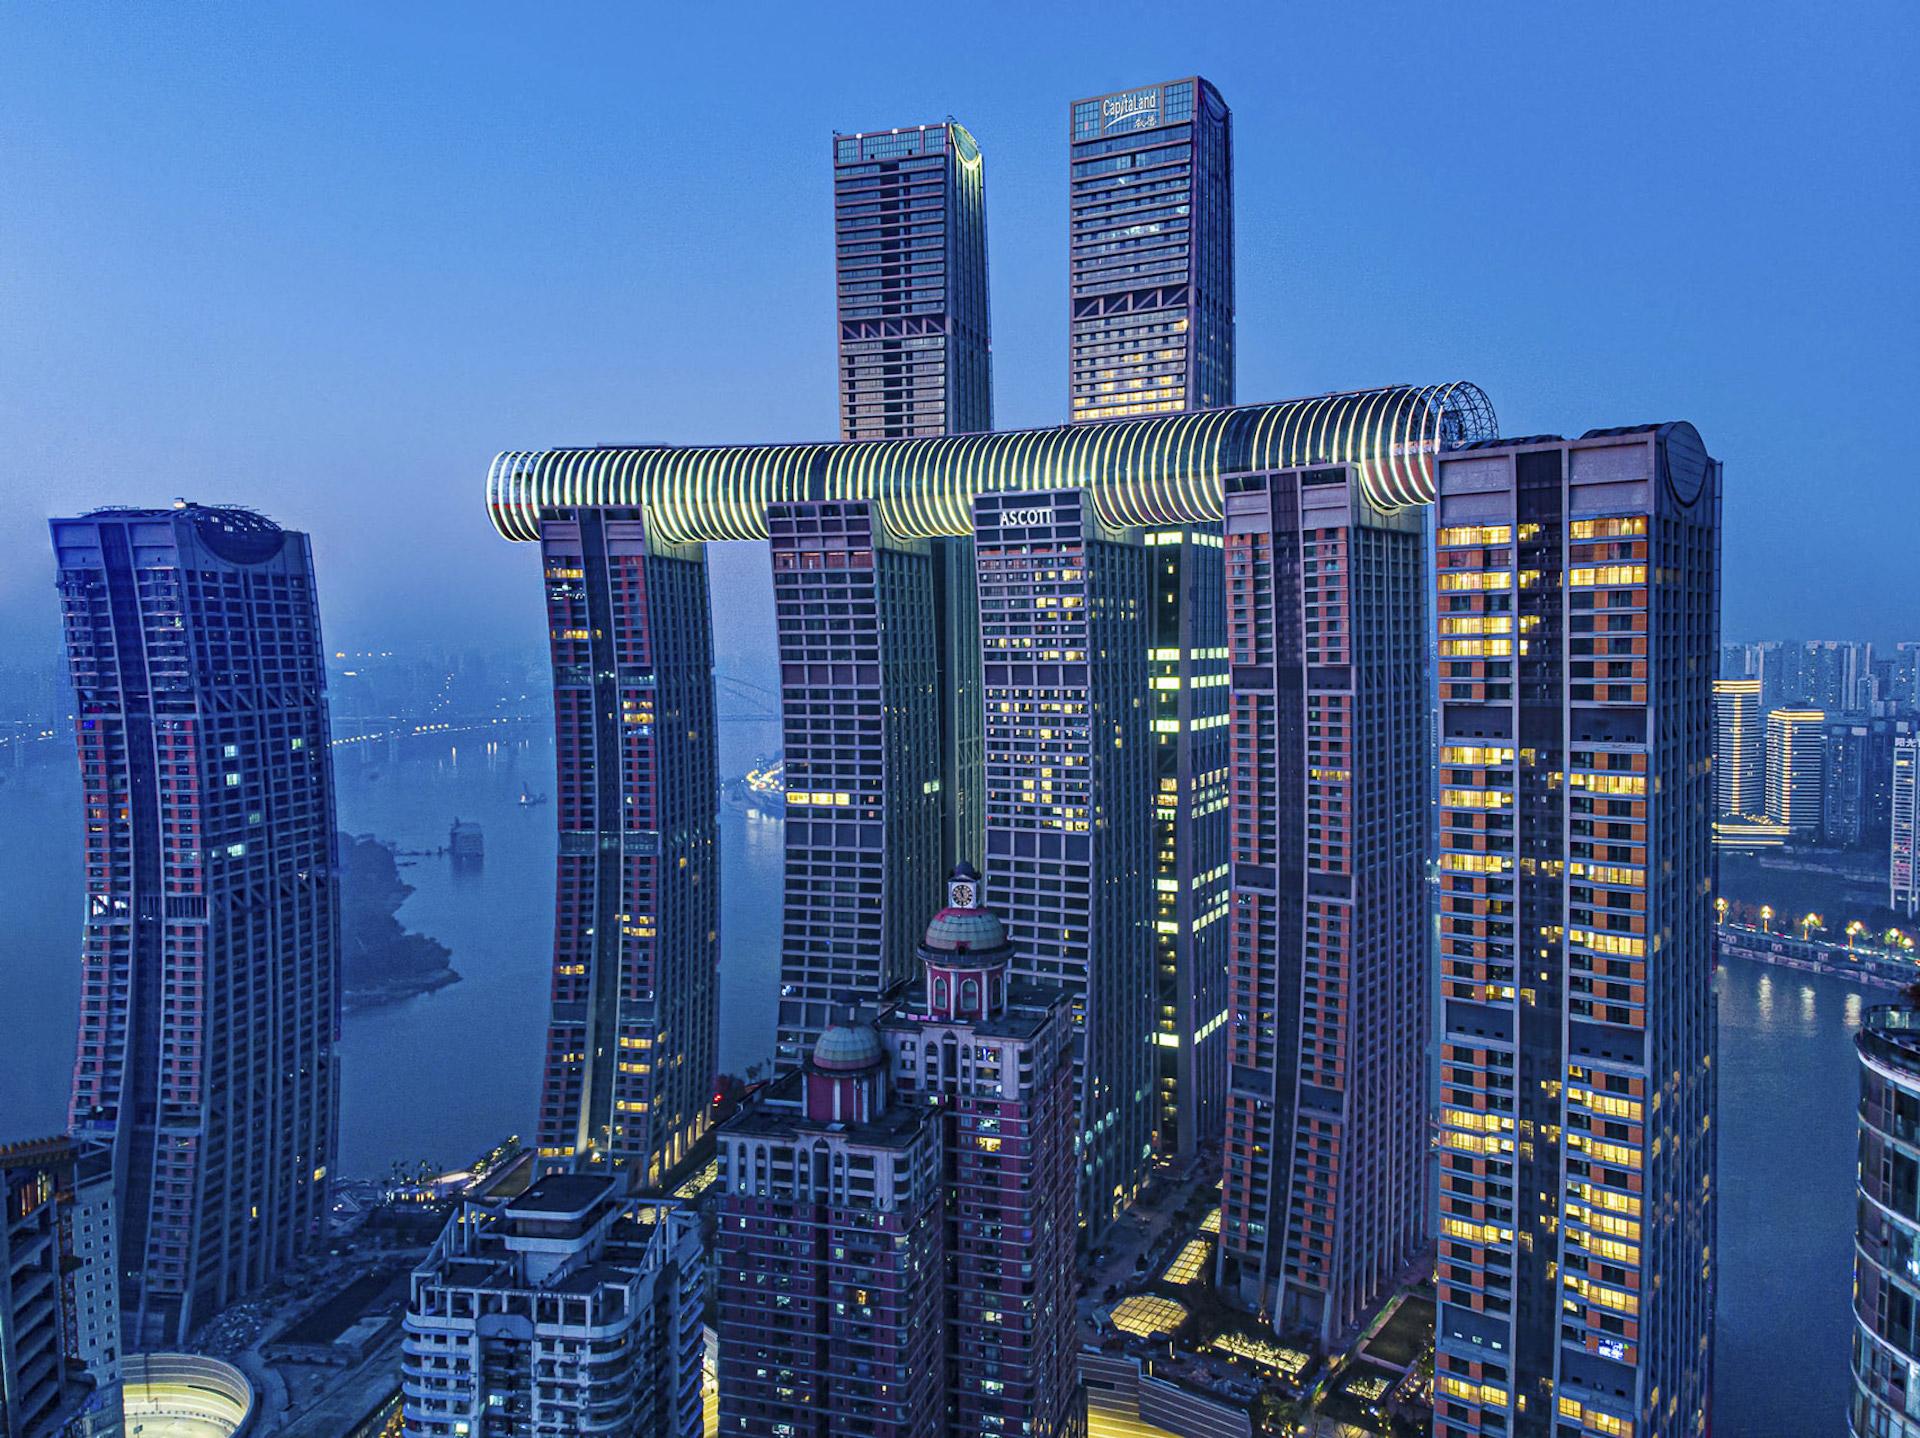 Inauguró el rascacielos horizontal The Crystal, que conecta cuatro torres